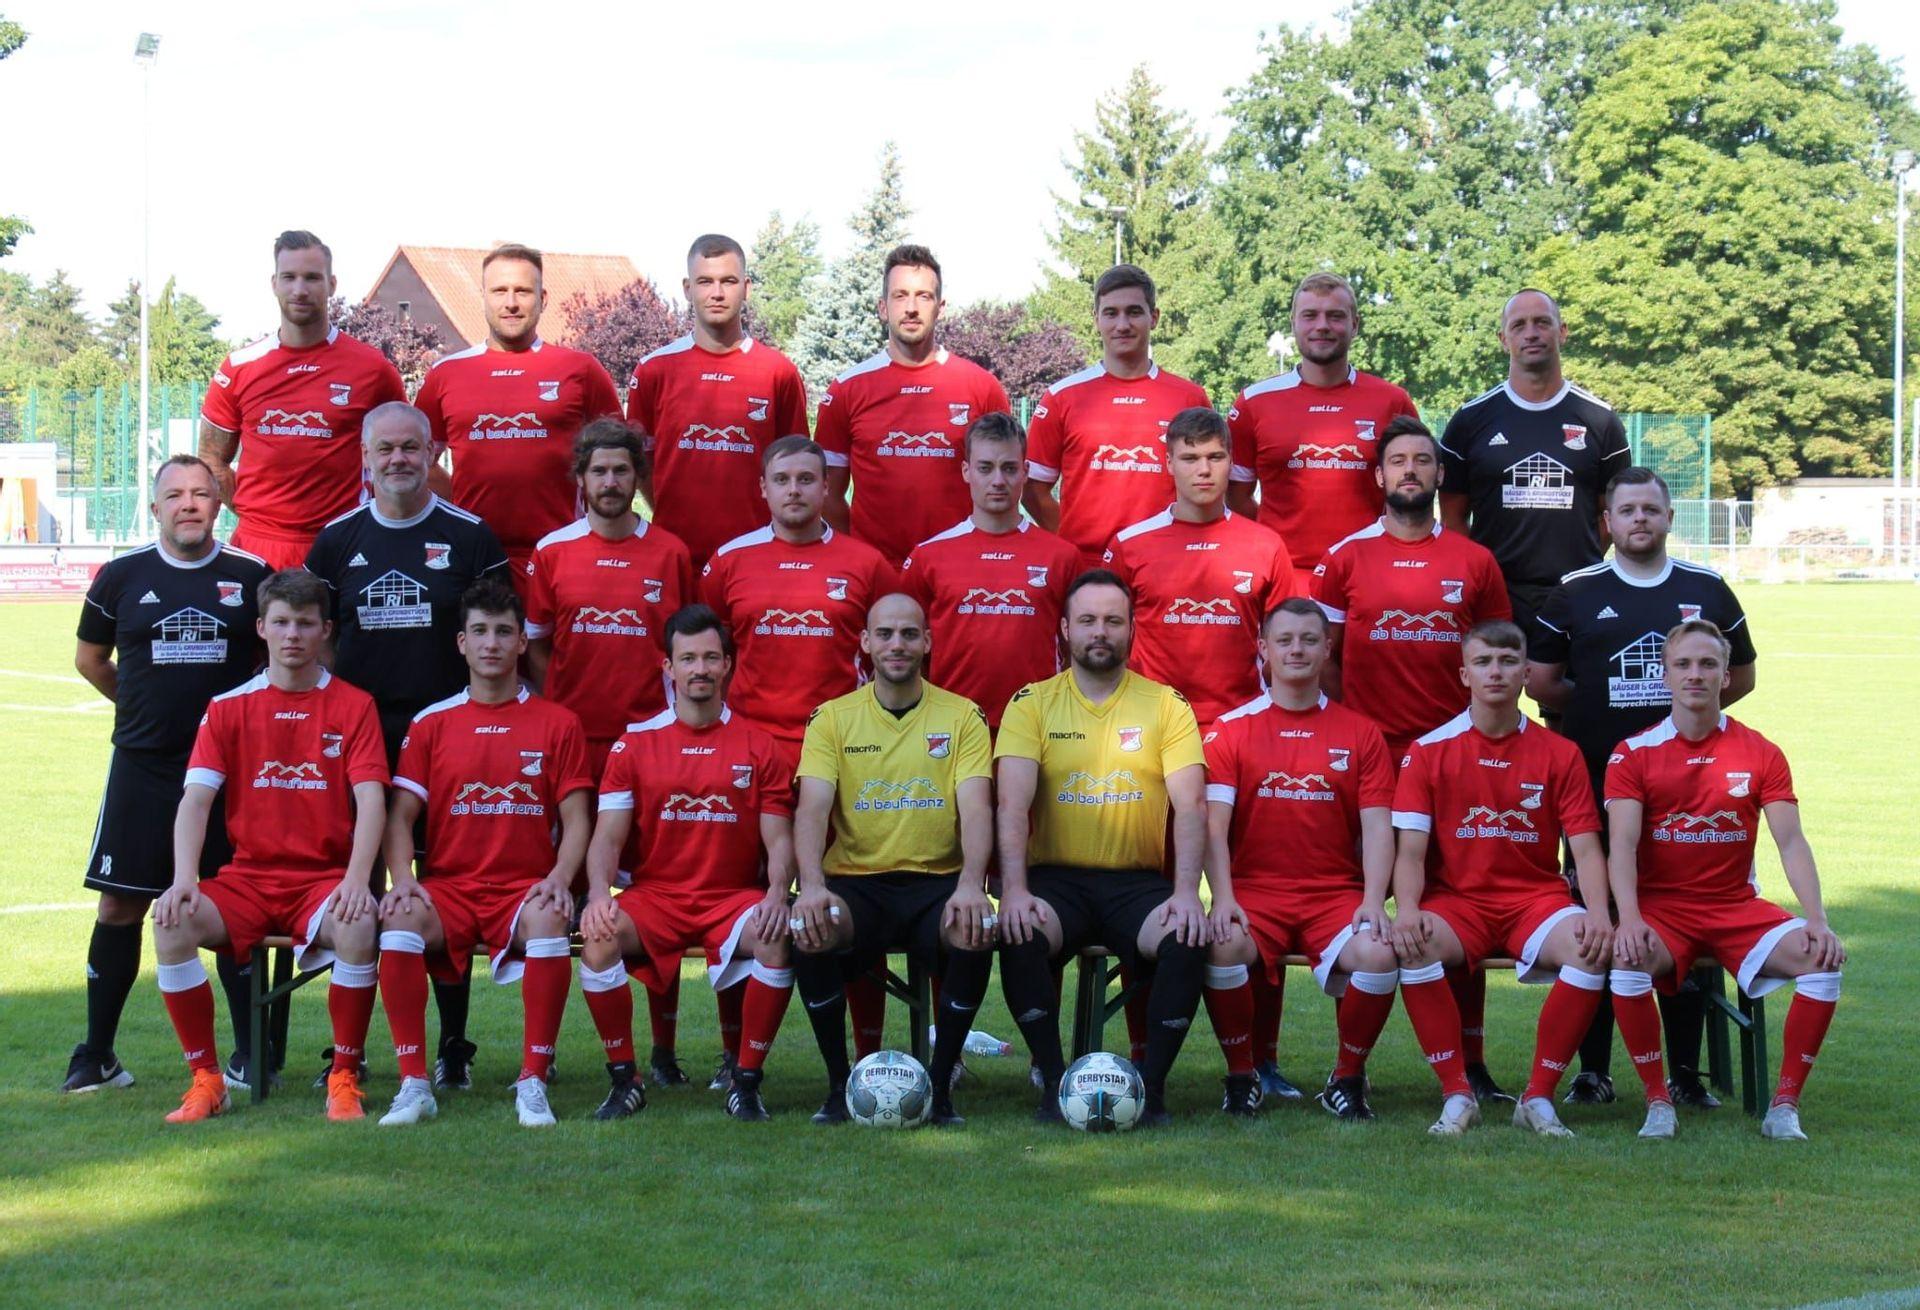 1. Herrenmannschaft   BSV Rot Weiß Schönow